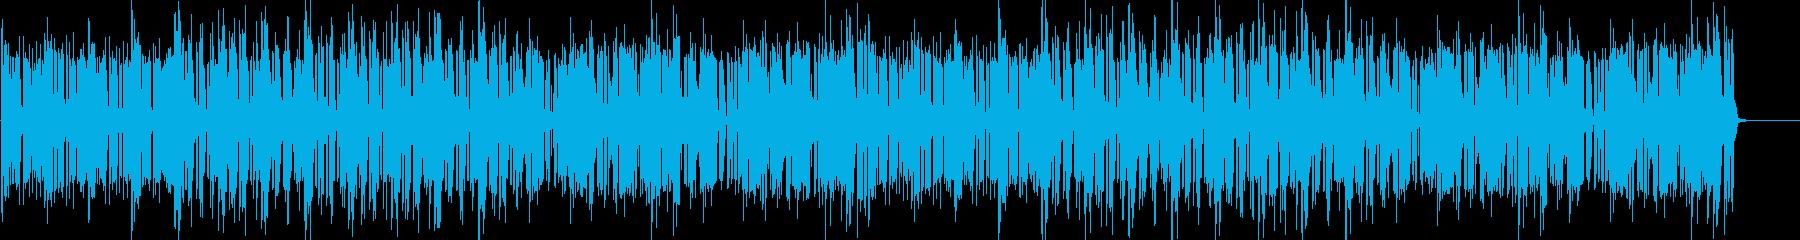 ドラムのリズムとピアノが印象的なBGMの再生済みの波形